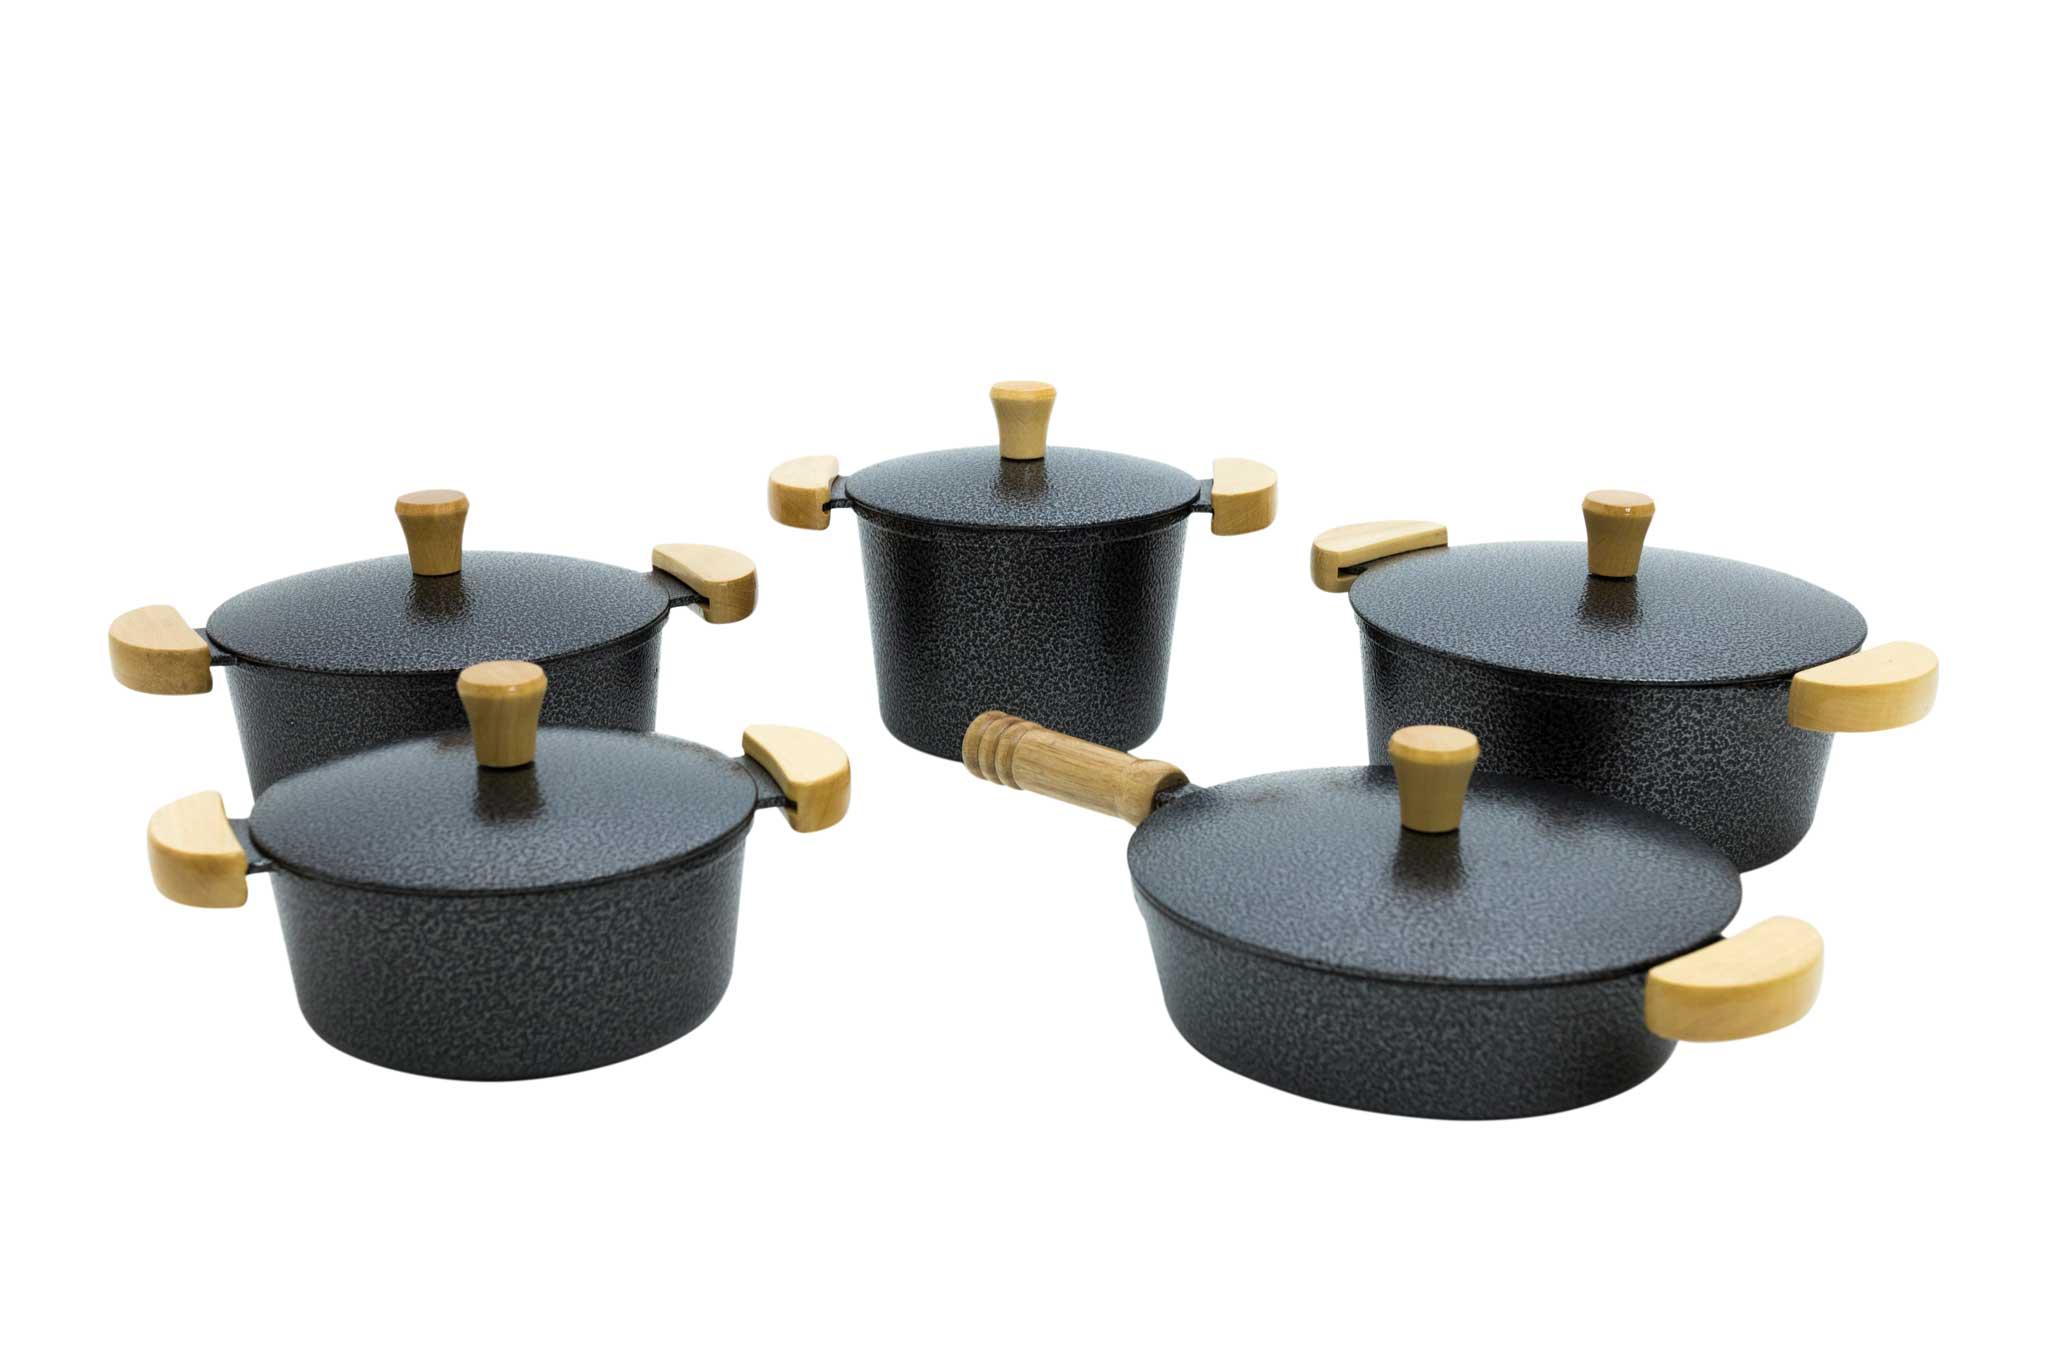 Jogo de Panelas em Alumínio Batido com Frigideira e Caldeirão - Preto Craquelado